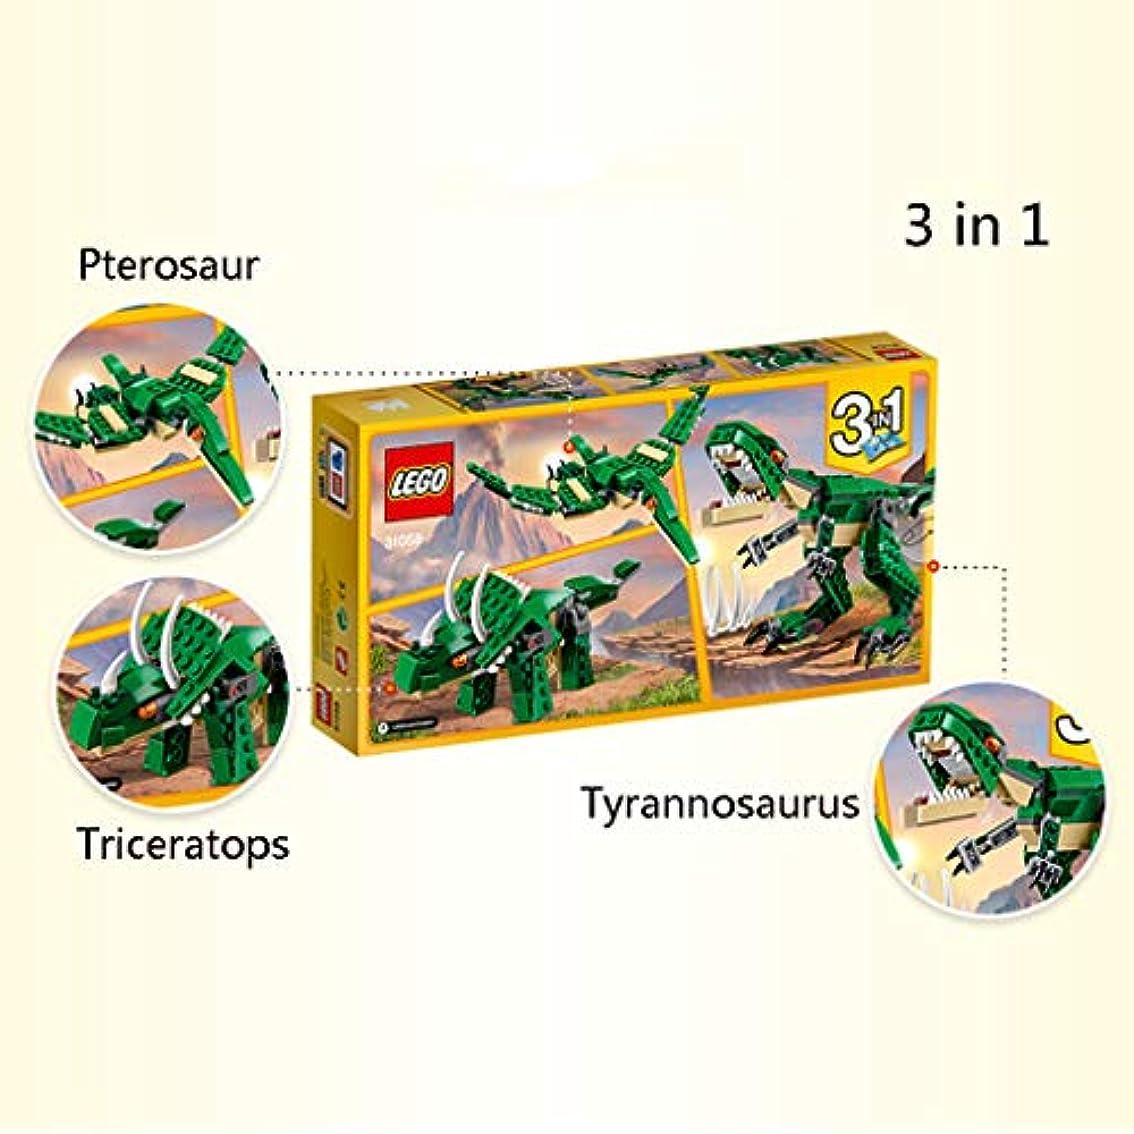 手順同級生白いクリエイティブなバラエティ3種類の恐竜の子供のおもちゃ、7歳以上の子供に適して、運動赤ちゃんの実践能力+思考、子供のホリデーギフト